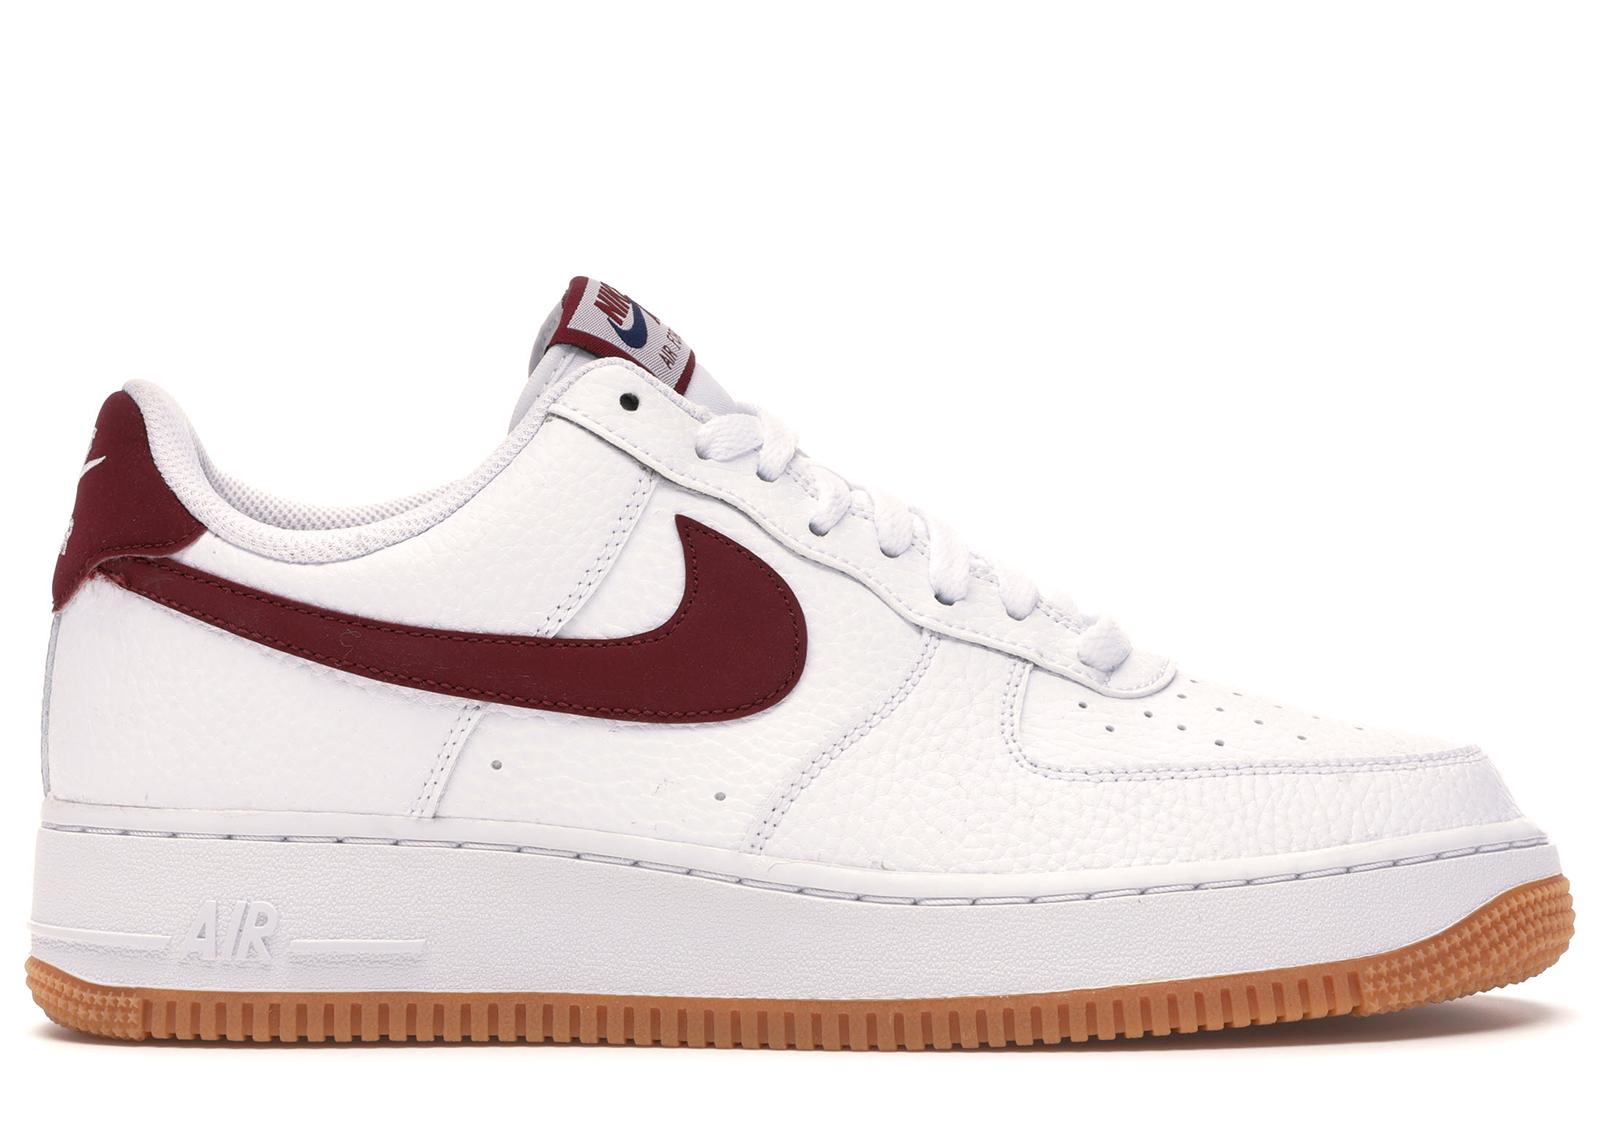 Nike Air Force 1 Low '07 Gum Medium Brown